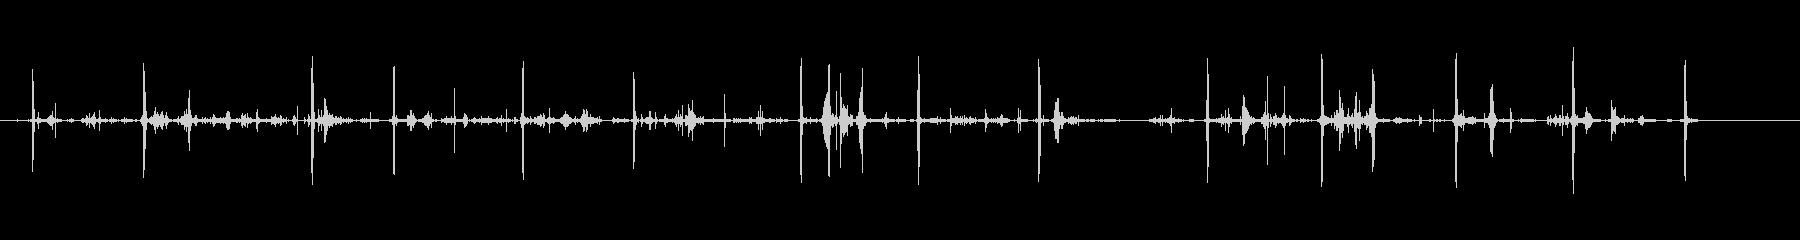 泥の中のシャベル-庭-楽器の未再生の波形